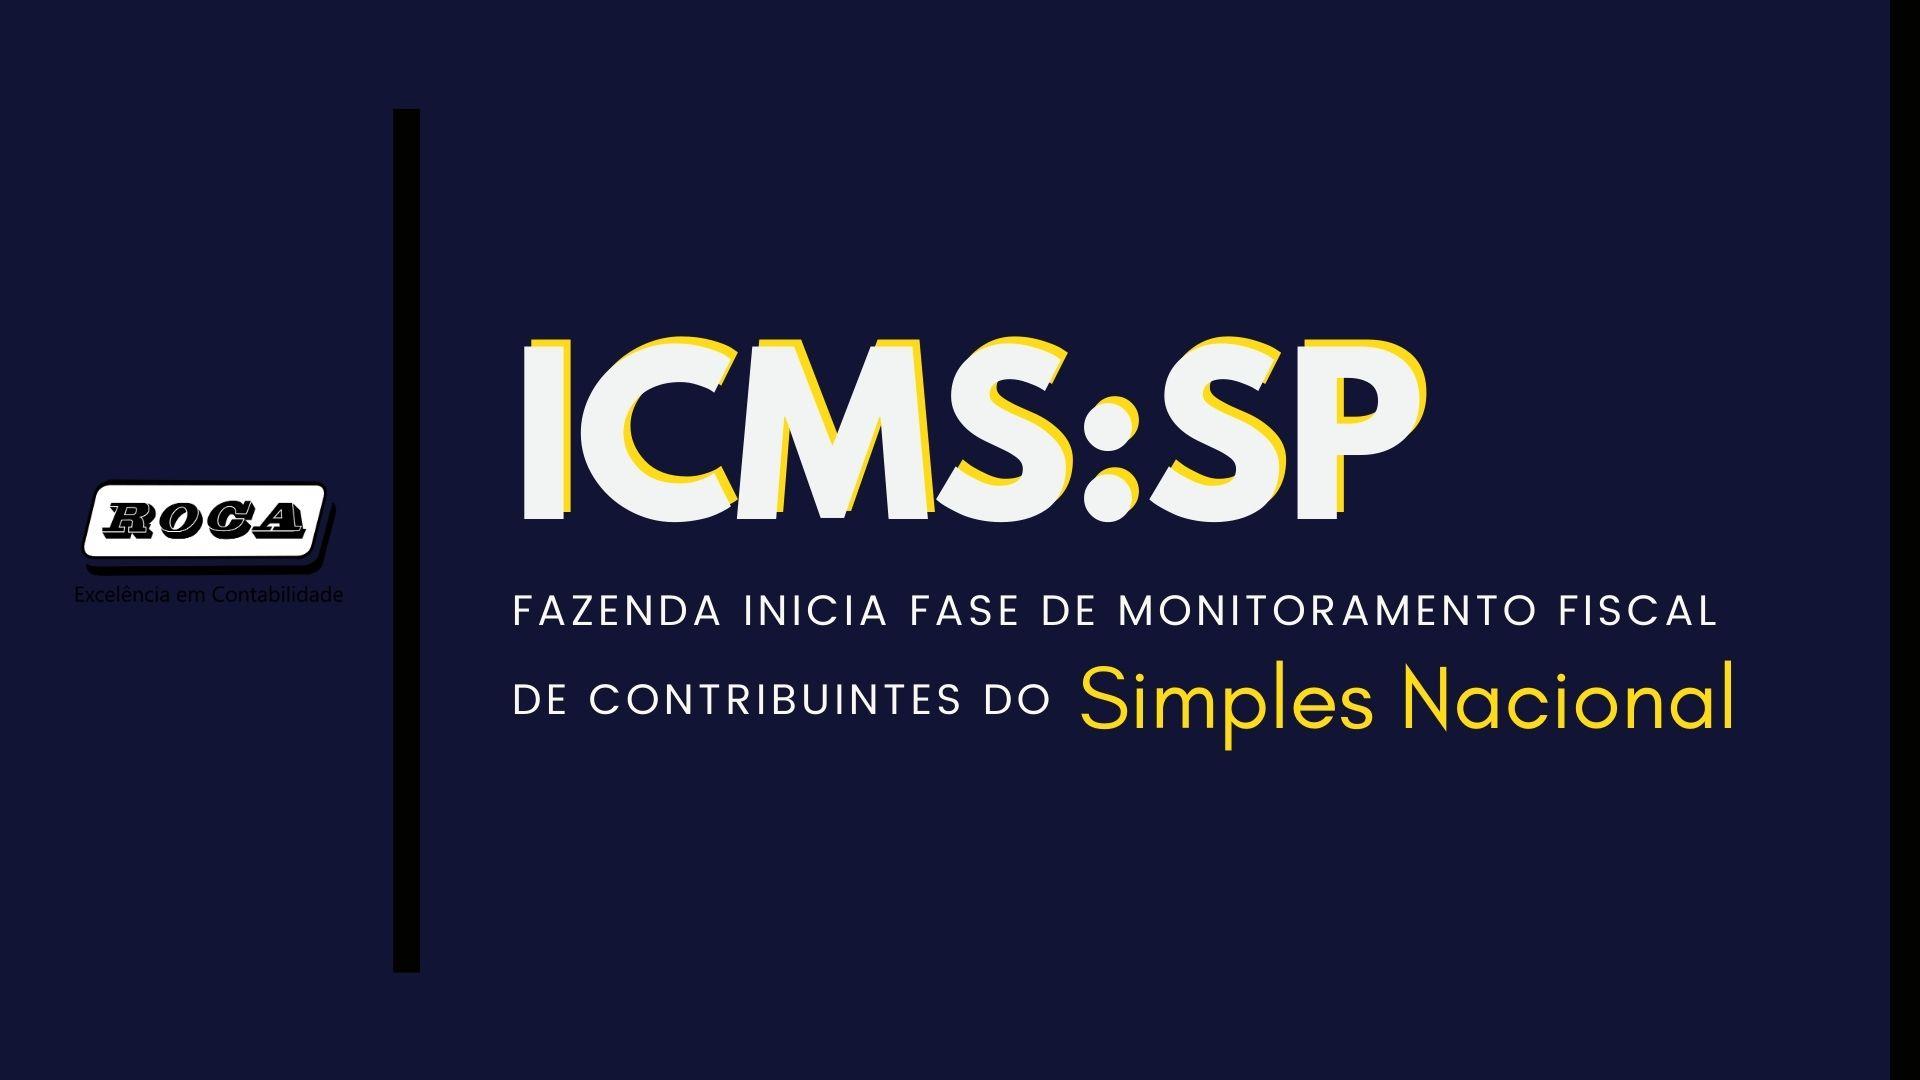 ICMS-SP: Fazenda Inicia Fase De Monitoramento Fiscal De Contribuintes Do Simples Nacional